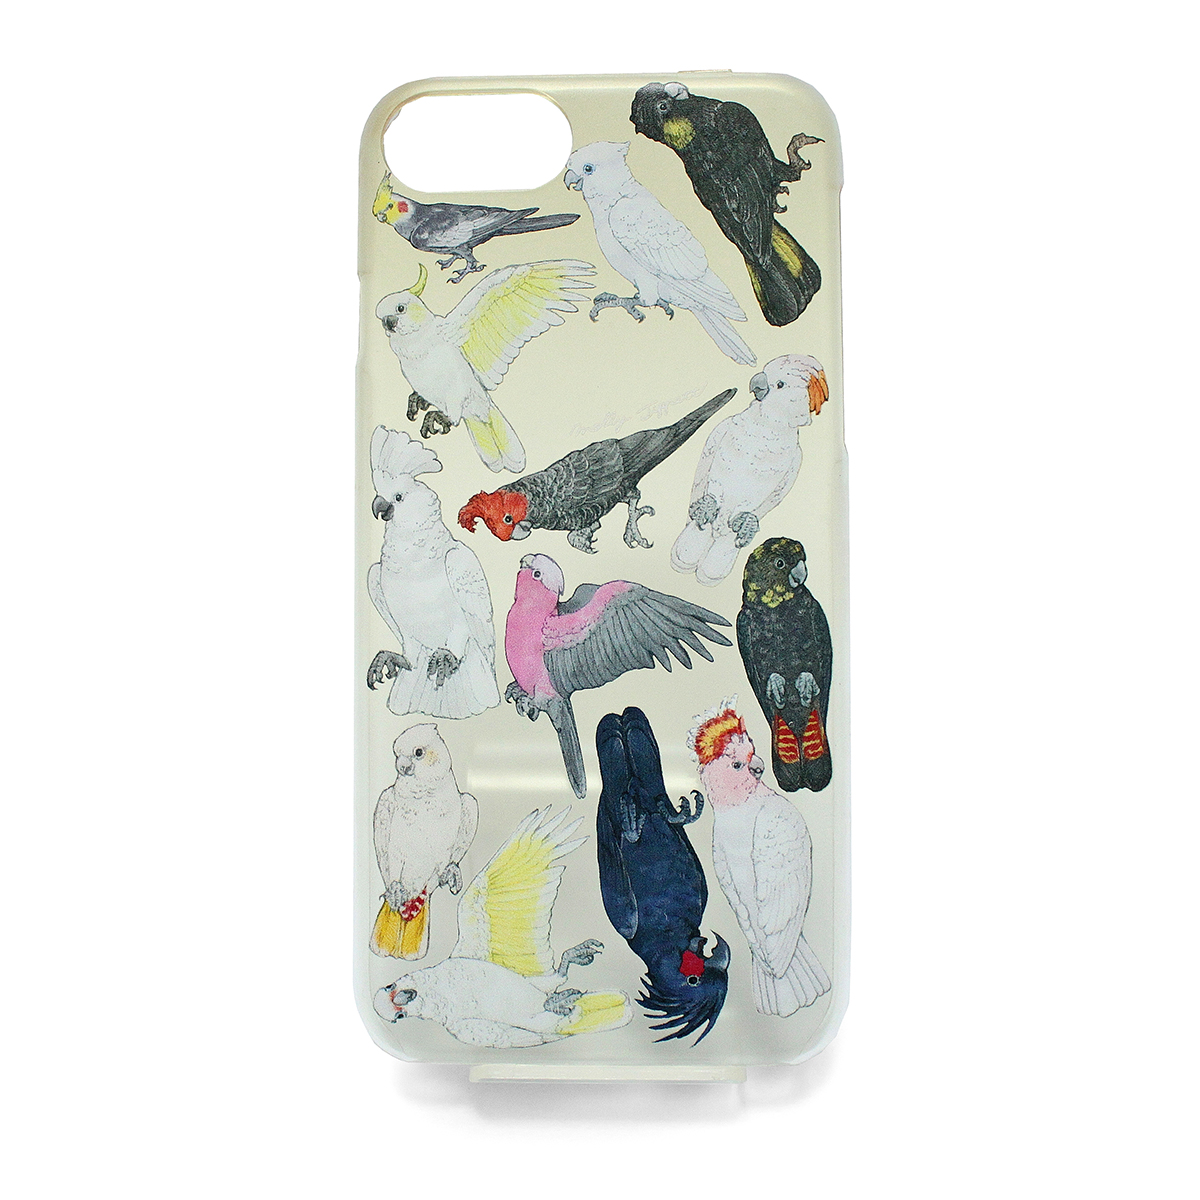 【セール】オウム科の鳥類(ハード)/ スマートフォンケース(iPhone6,iPhone7,iPhone8兼用)